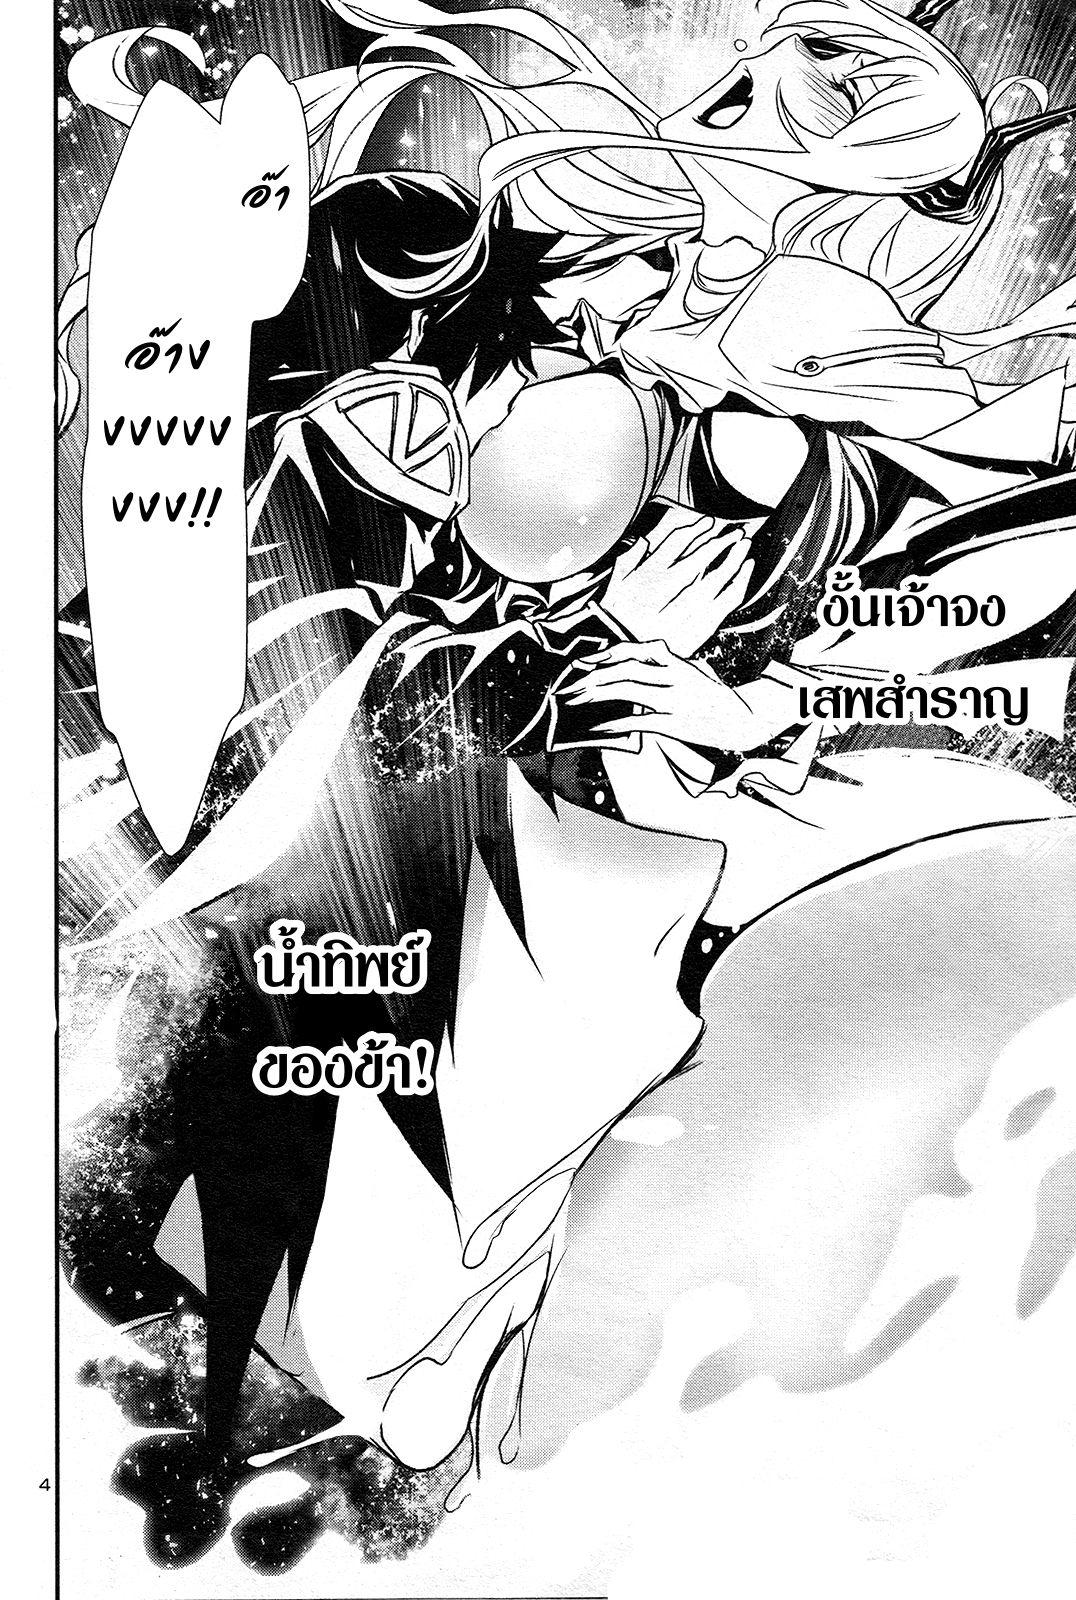 อ่านการ์ตูน Shinju no Nectar ตอนที่ 4 หน้าที่ 4